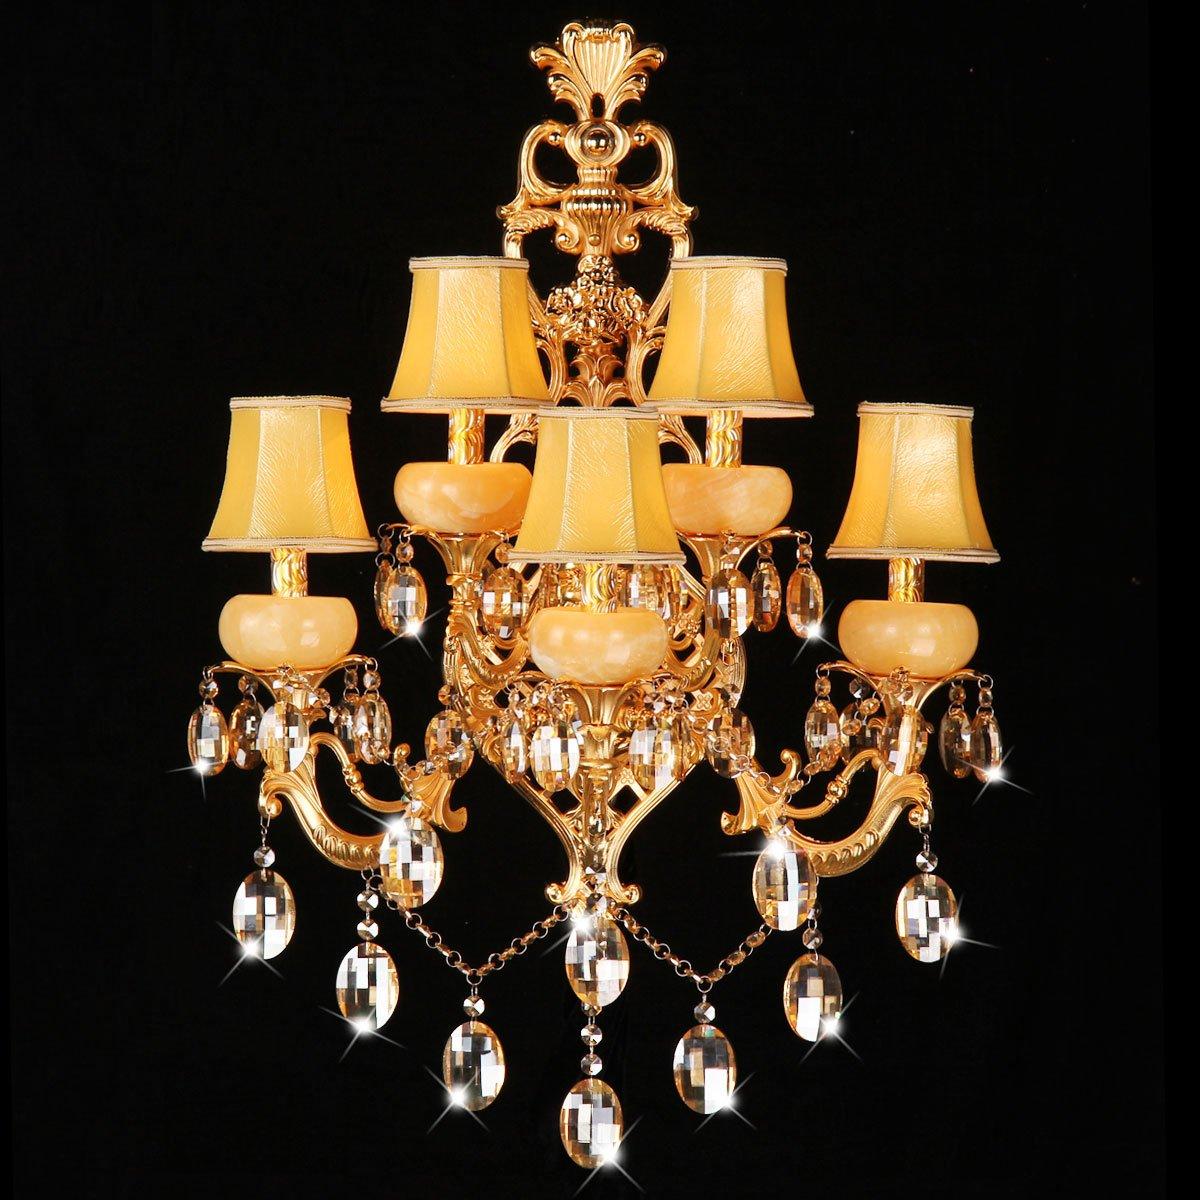 SJUN-Wandleuchte Vintage Industrielle Wandleuchte weiche Licht der Wand Licht Schlafzimmer Wand Lampen Crystal Wandleuchte